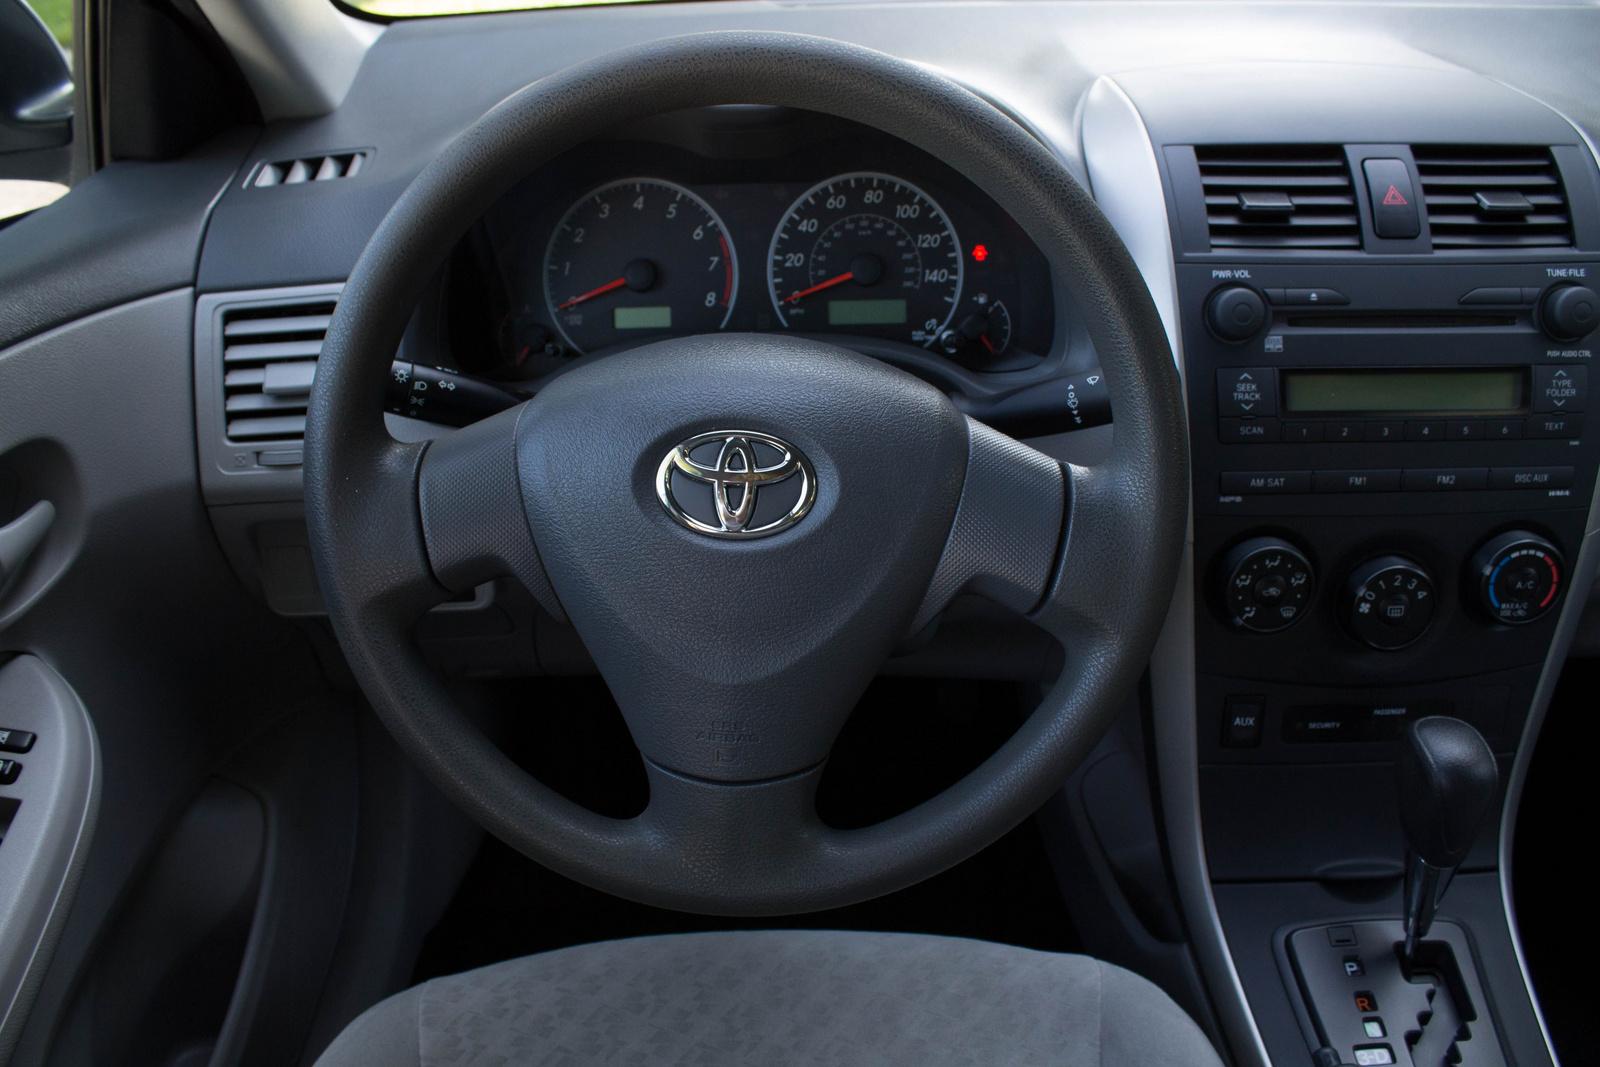 2009 Toyota Corolla Pictures Cargurus